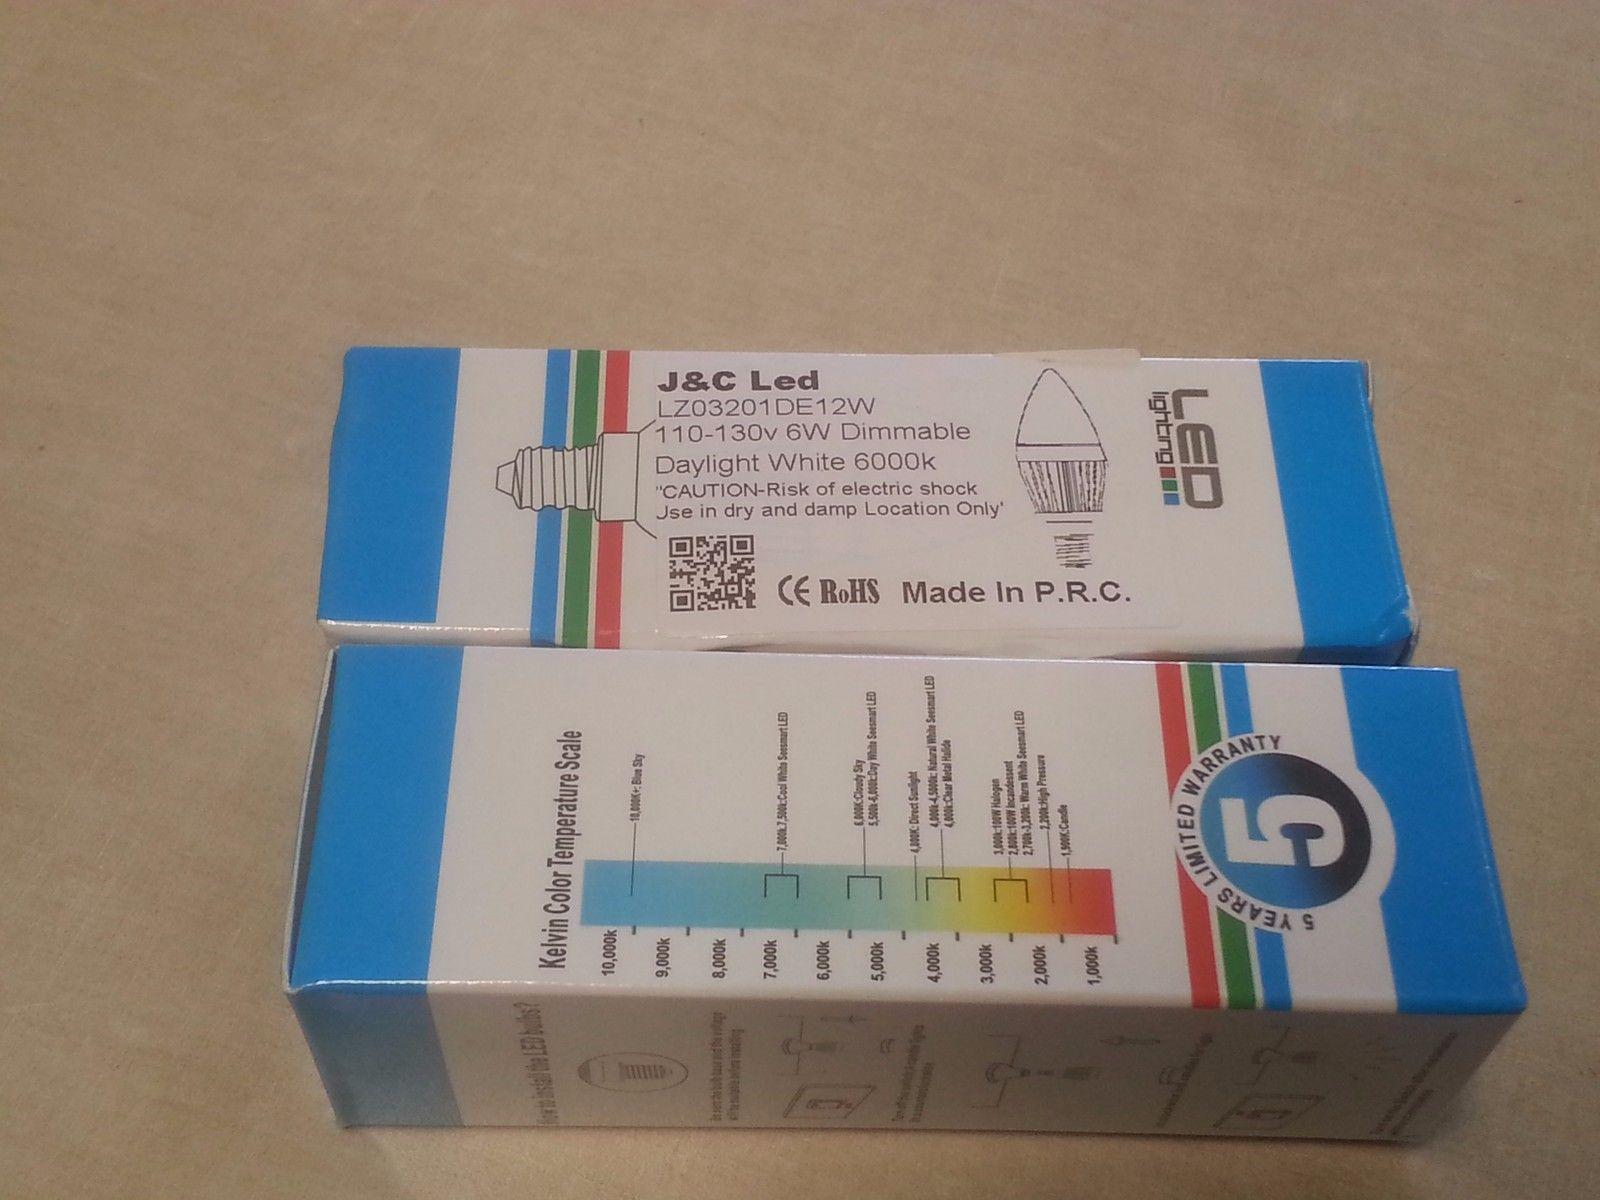 LOT OF 30 J&C LED 6W Torpedo Light Bulb 110-130V Daylight White (6000K)Dimmable